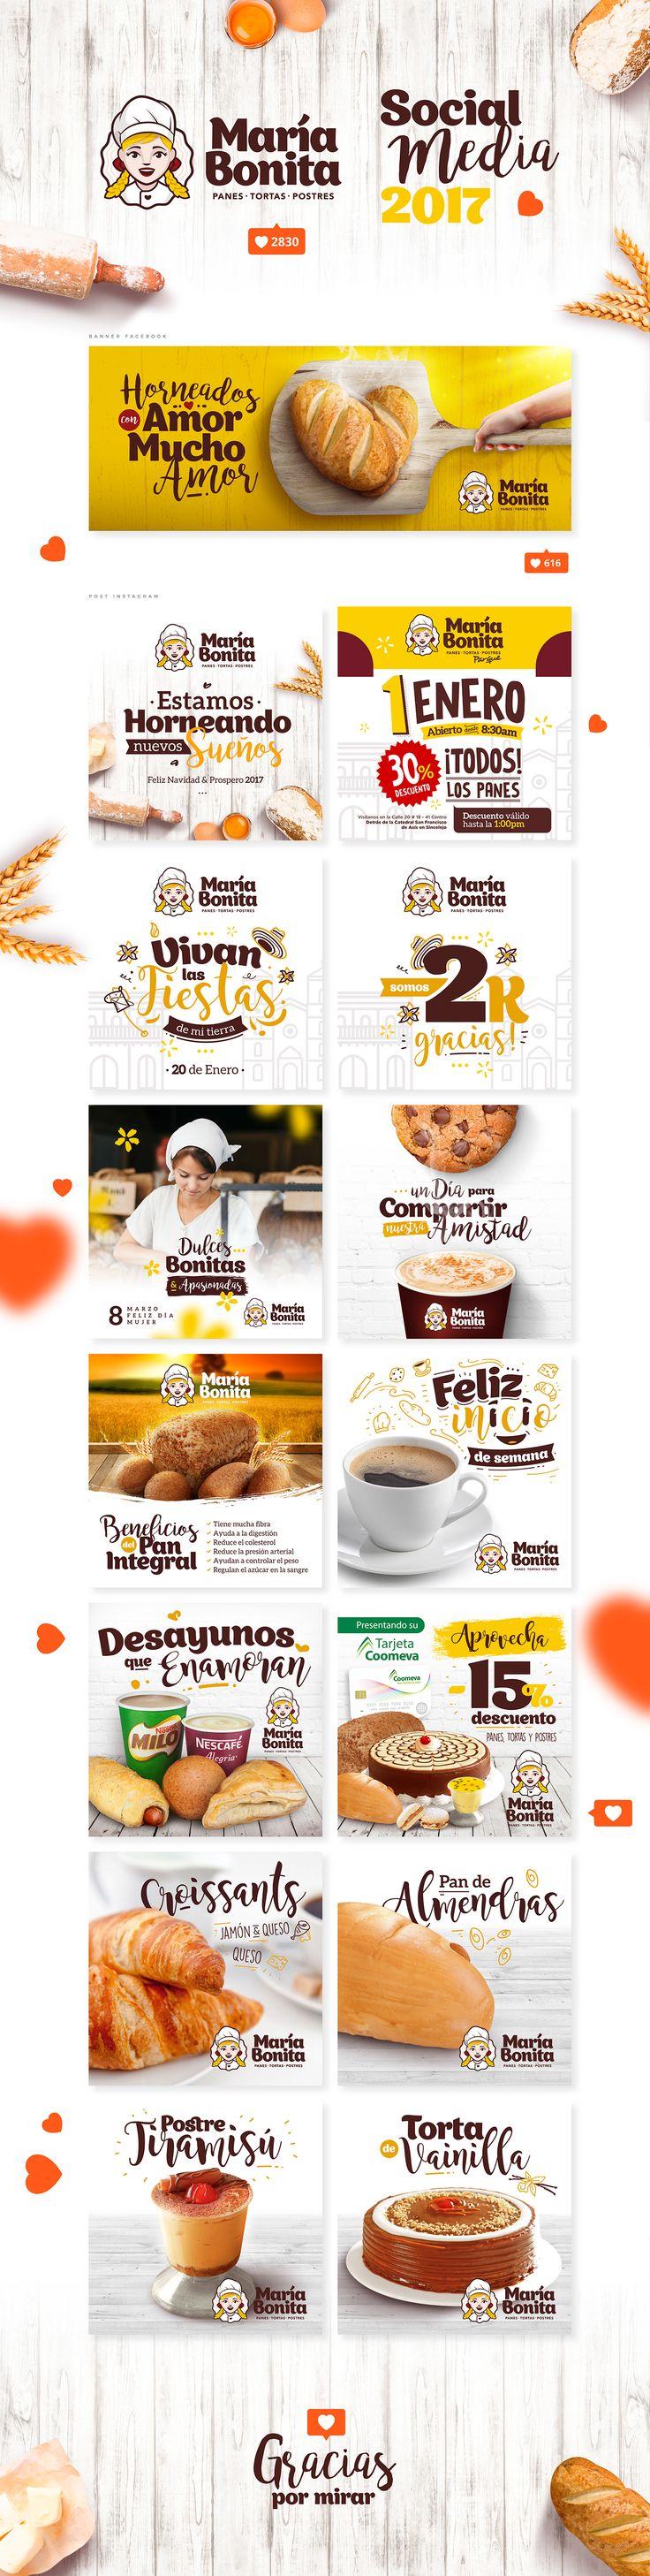 Social Media 2017 Panadería María Bonita on Behance Clique aqui http://www.estrategiadigital.pt/ferramentas-de-marketing-digital/ e confira agora mesmo as nossas recomendações de Ferramentas de Marketing Digital